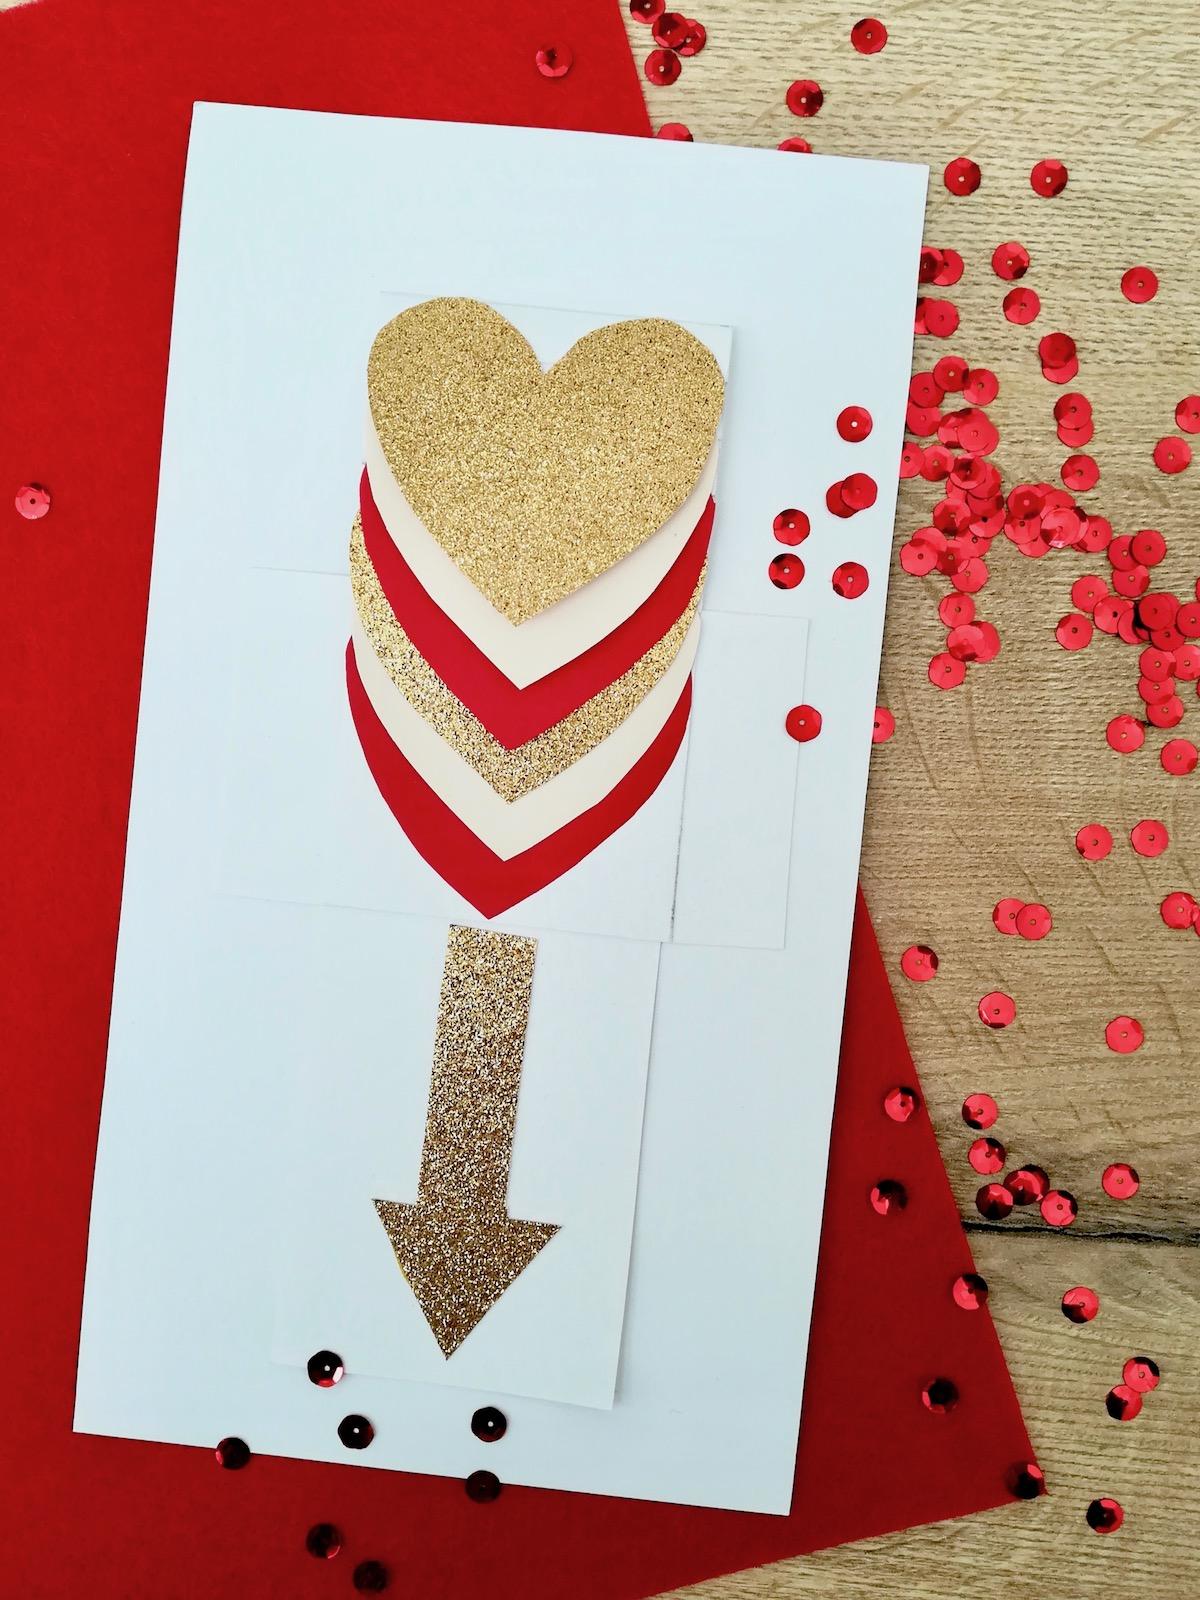 carte fête des mères interactive 3d coeur saint Valentin rouge doré paillette- blog déco - clem around the corner